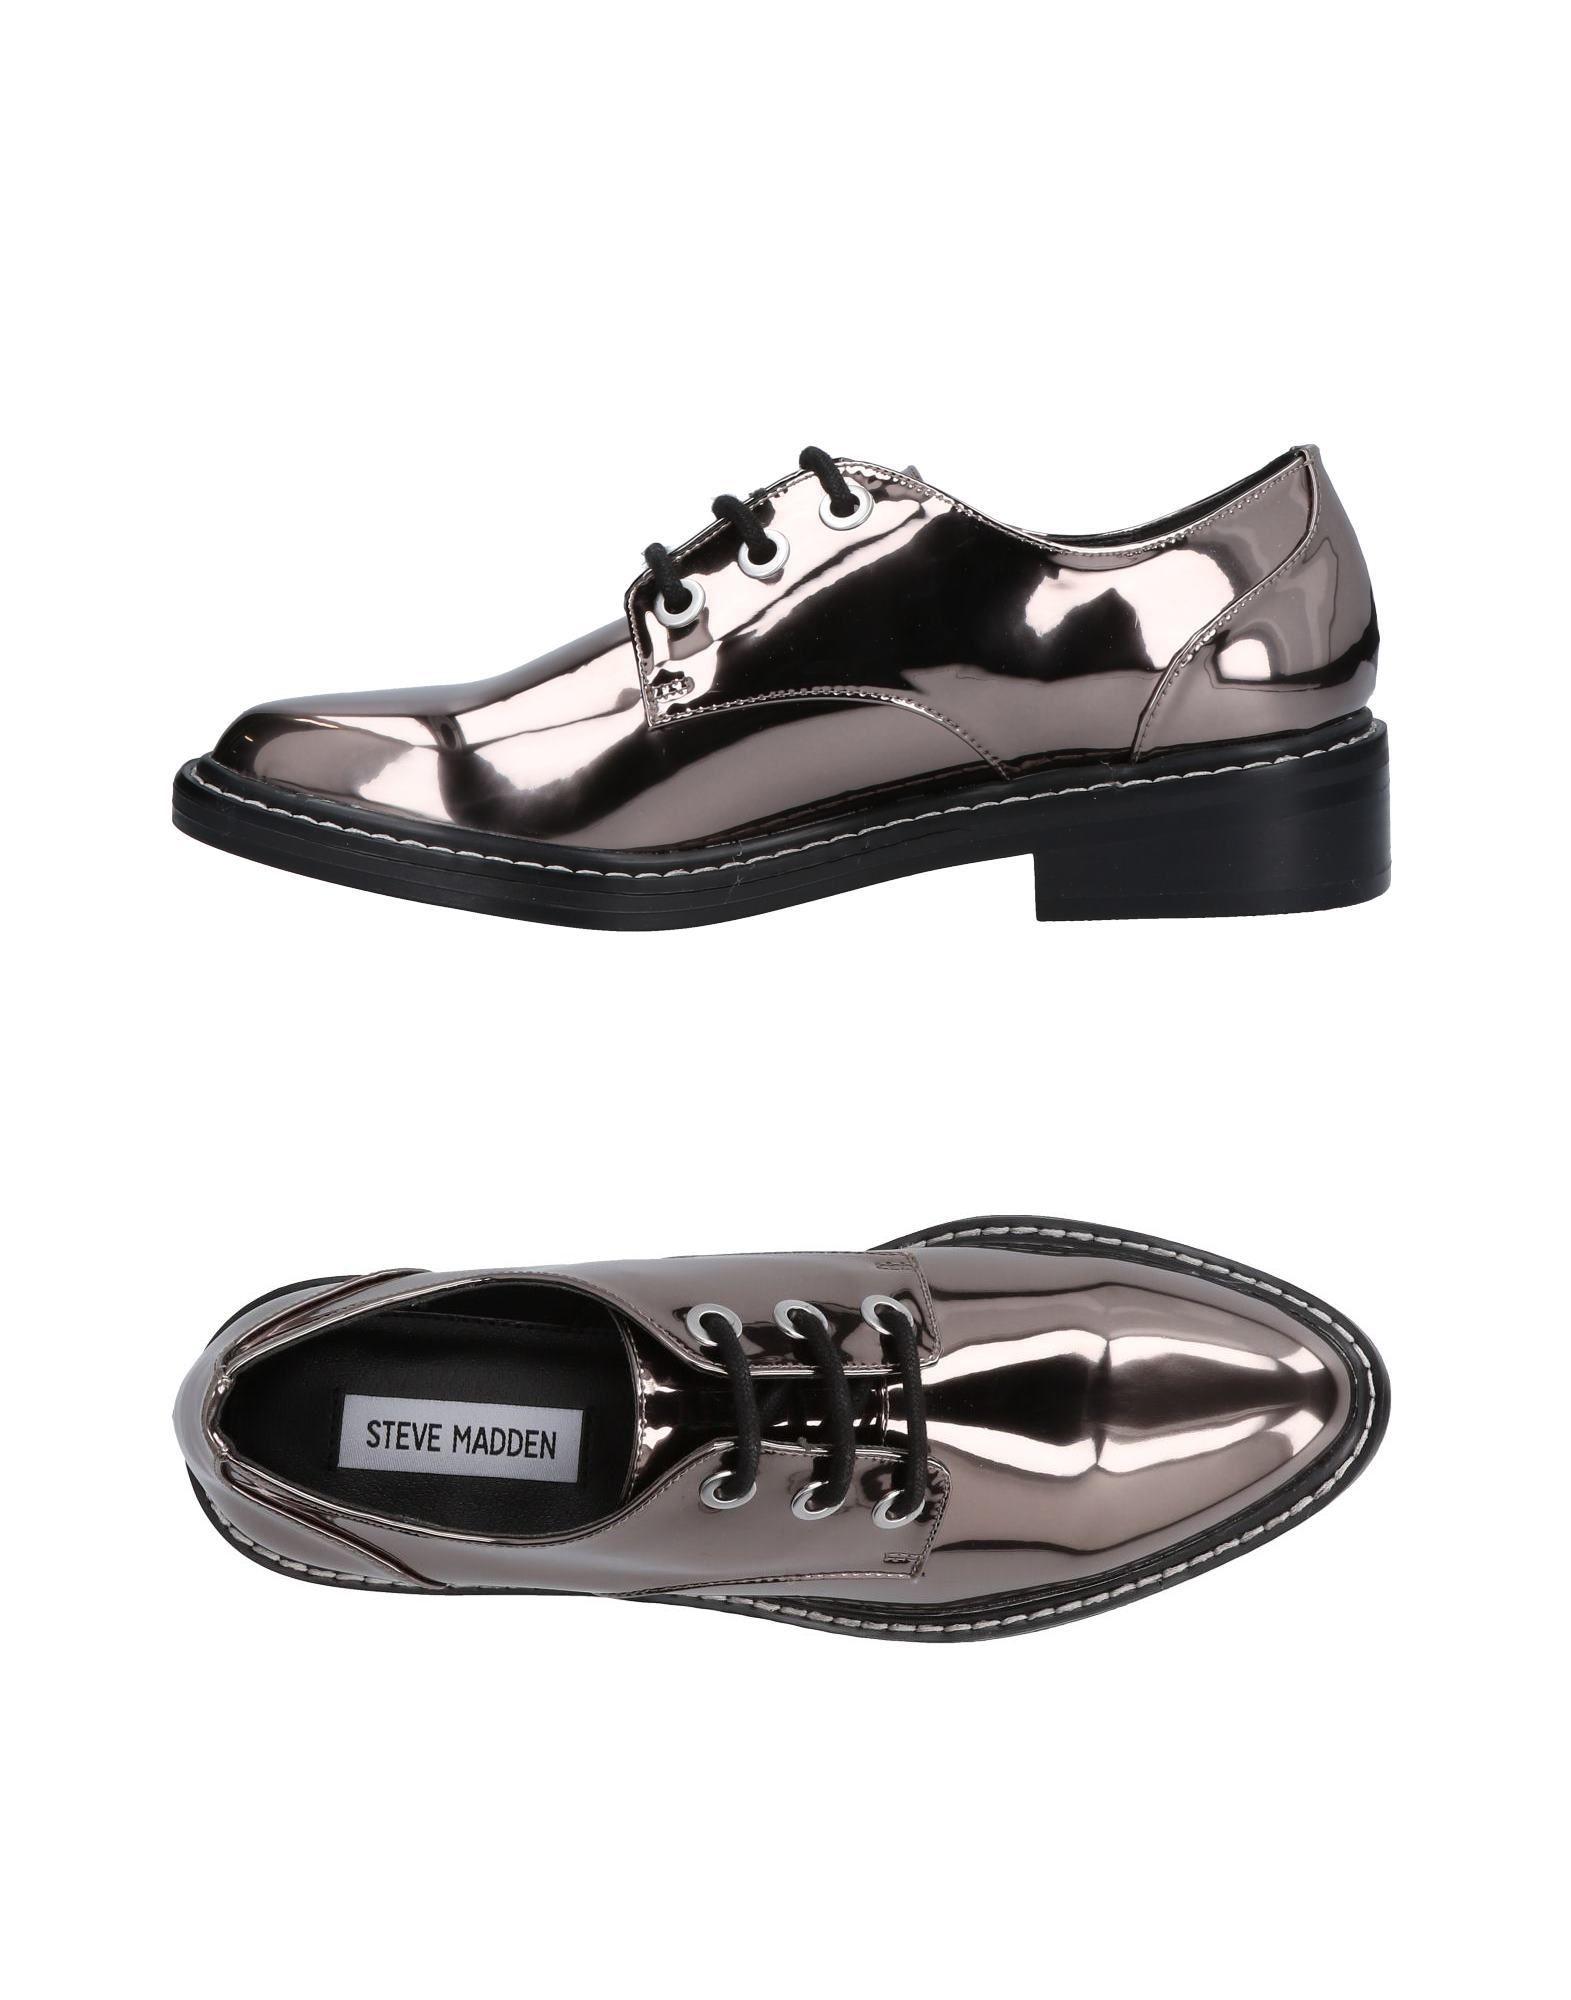 Steve Madden Schnürschuhe Damen  11467188KF Gute Qualität beliebte Schuhe